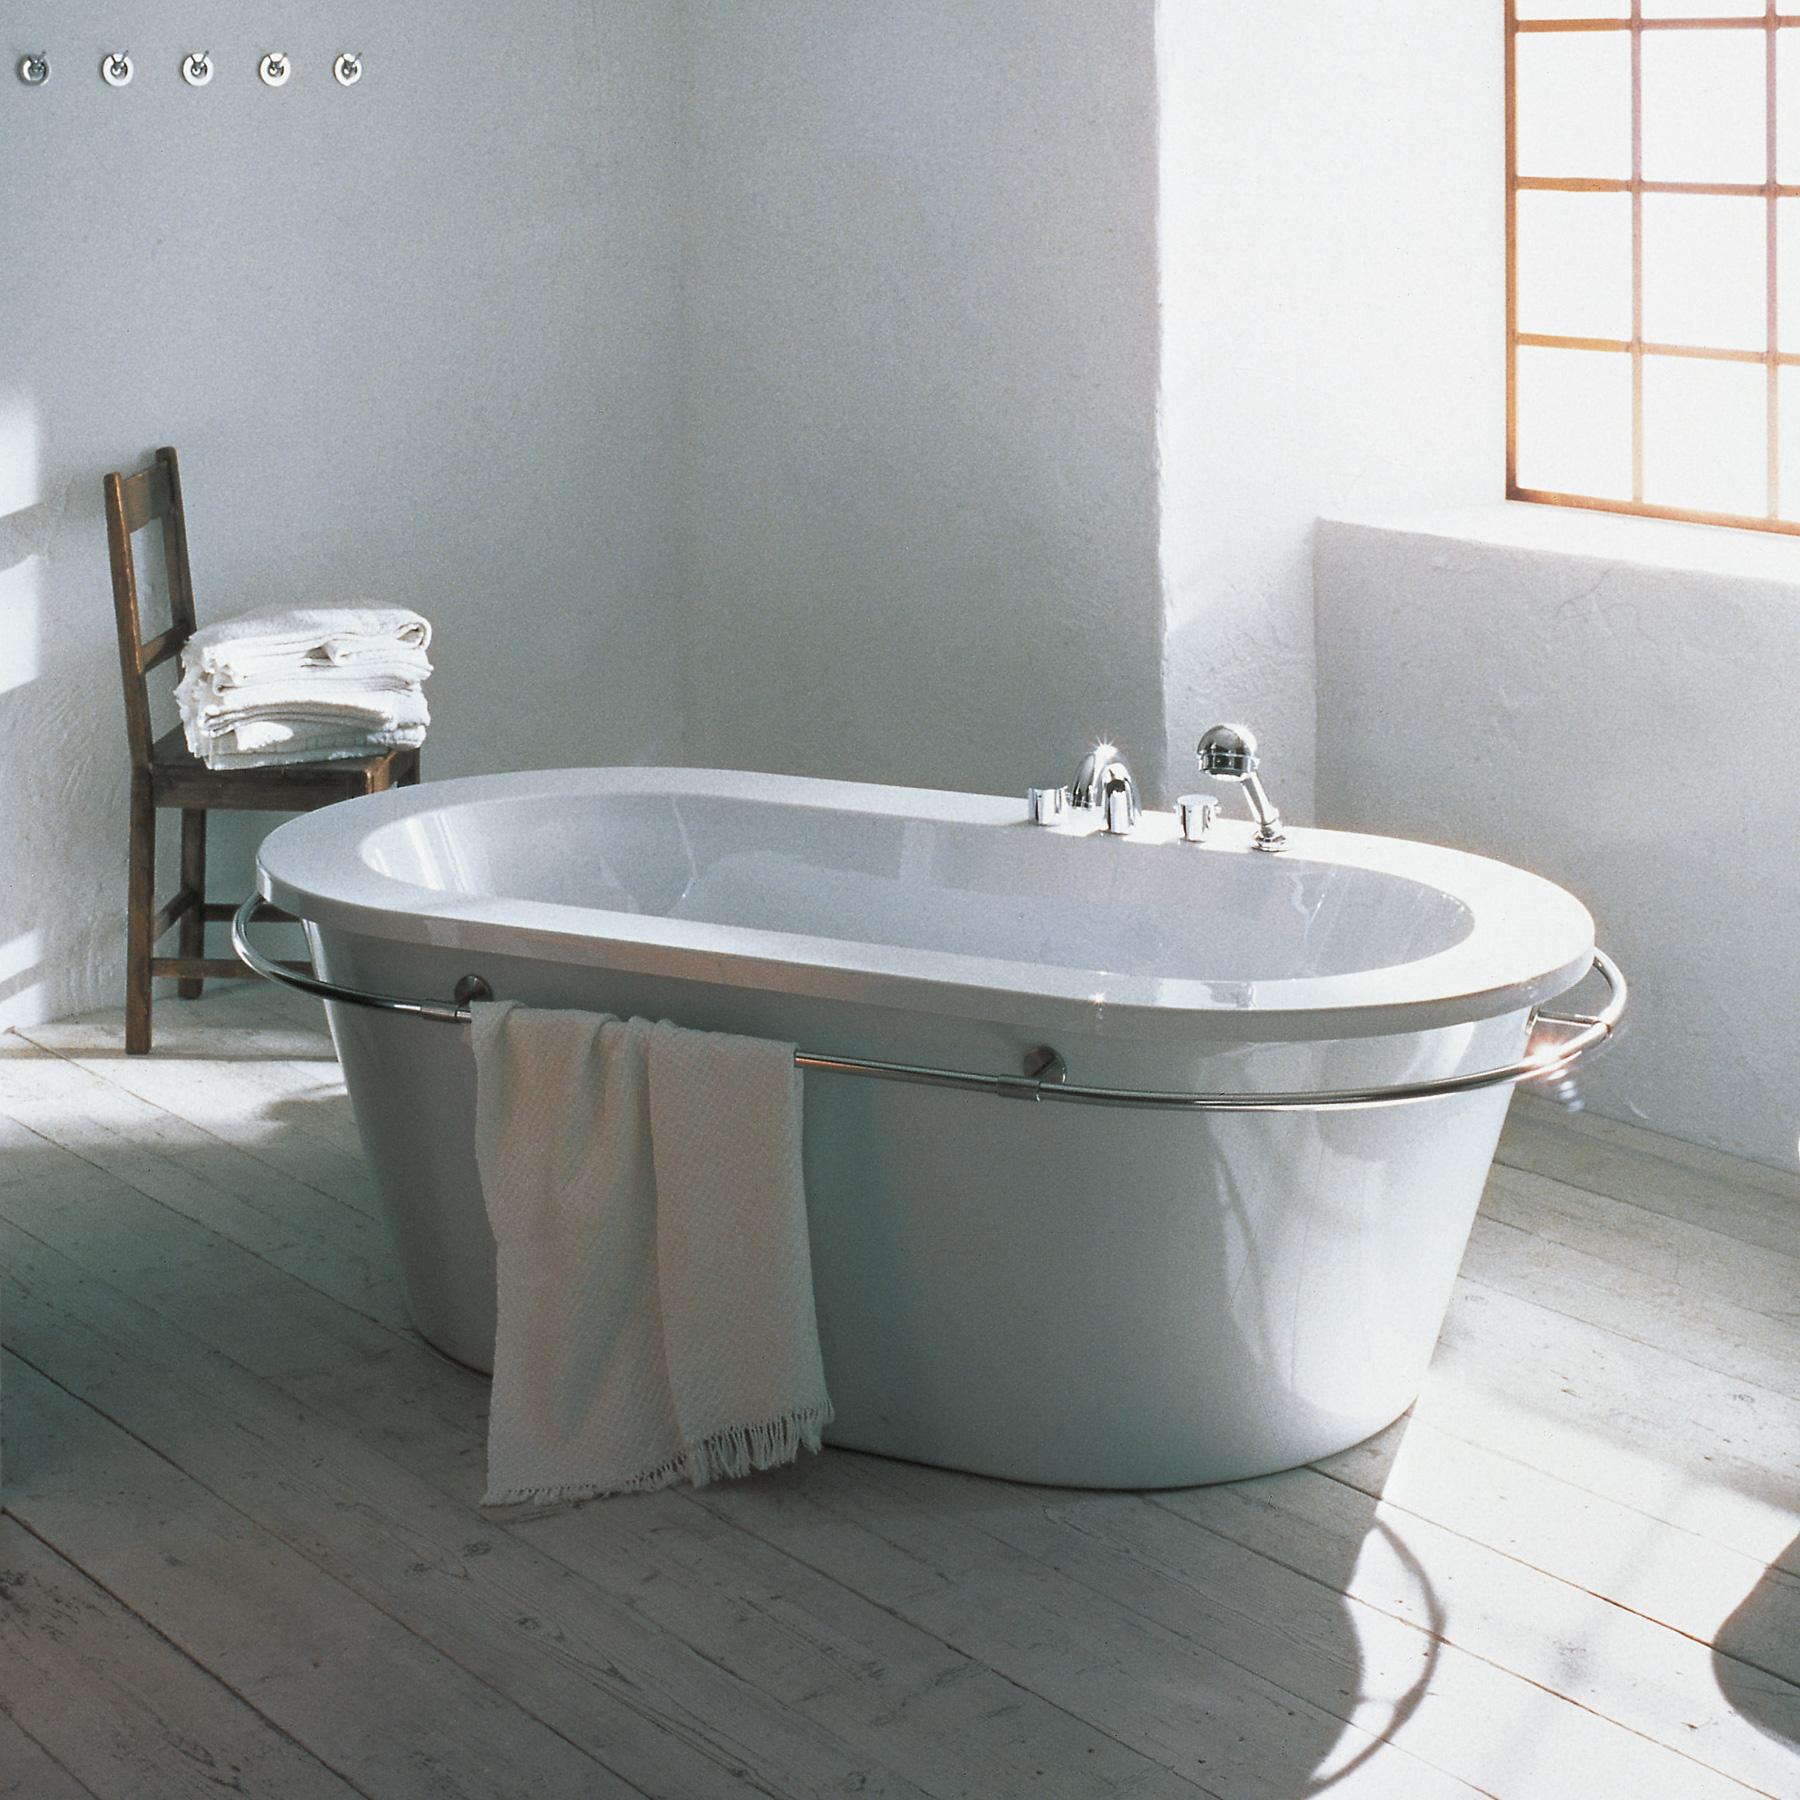 hoesch philippe starck edition 1 badewanne freistehend. Black Bedroom Furniture Sets. Home Design Ideas